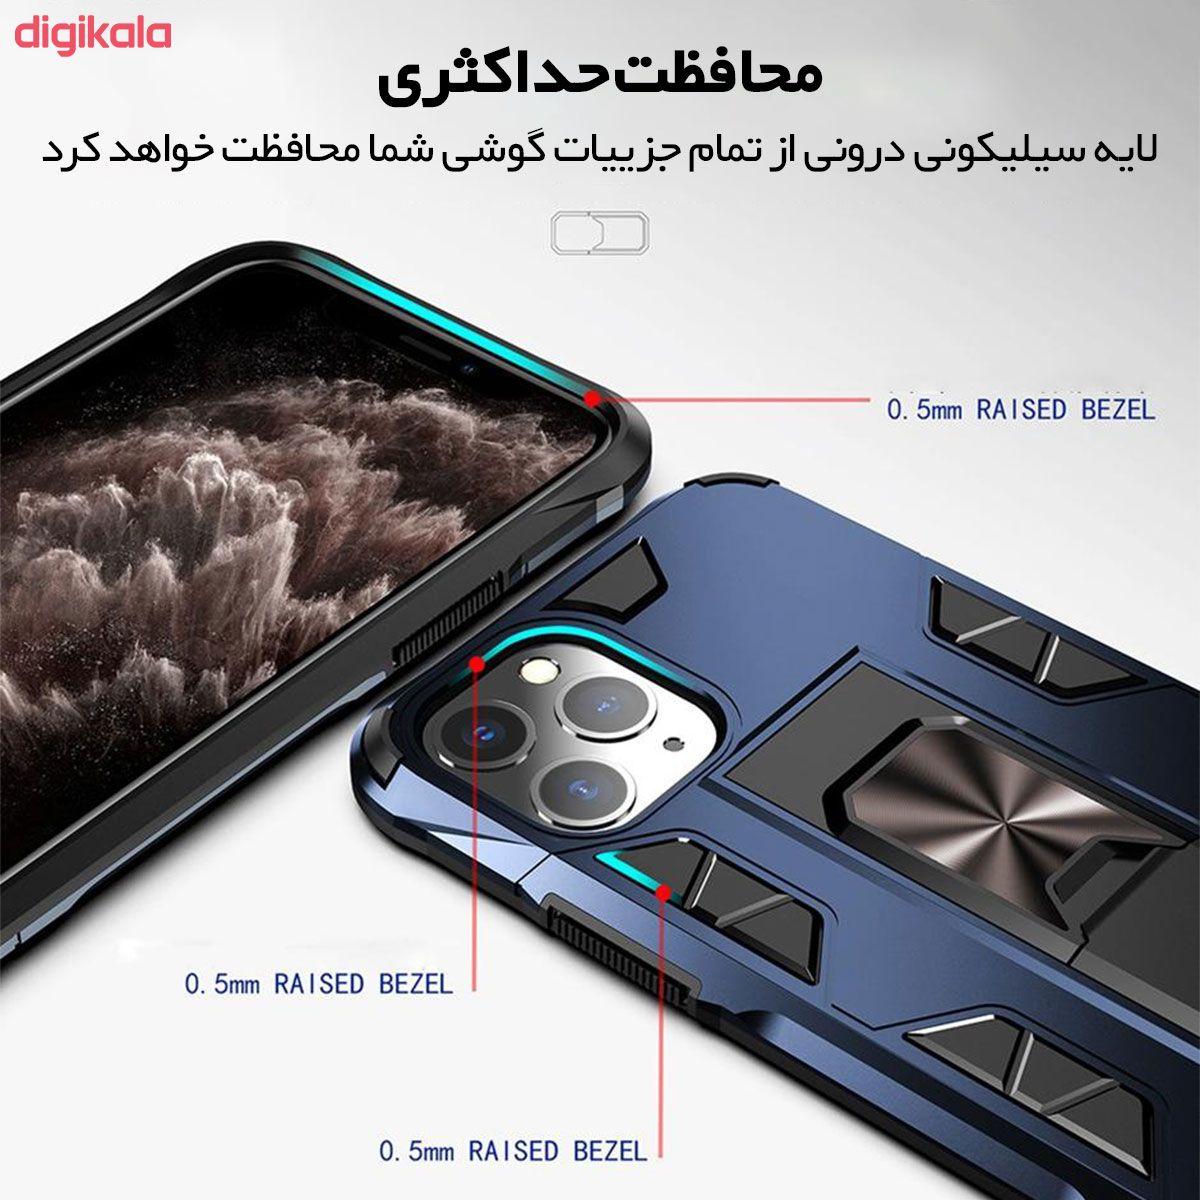 کاور لوکسار مدل Defence90s مناسب برای گوشی موبایل اپل iPhone 11 Pro main 1 1